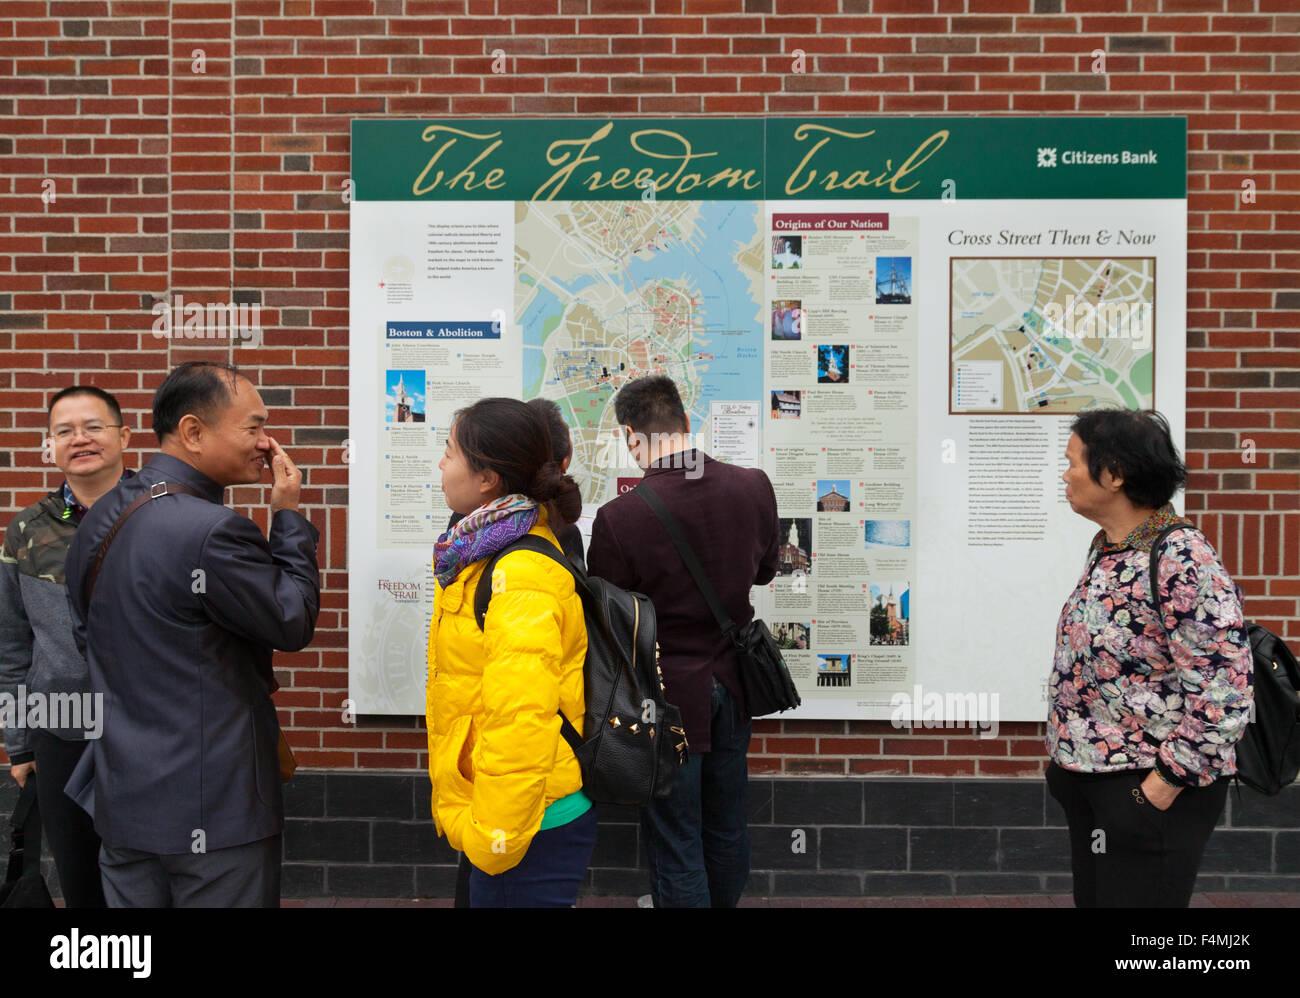 Los turistas chinos caminando por el Freedom Trail de Boston, Massachusetts, EE.UU. Imagen De Stock